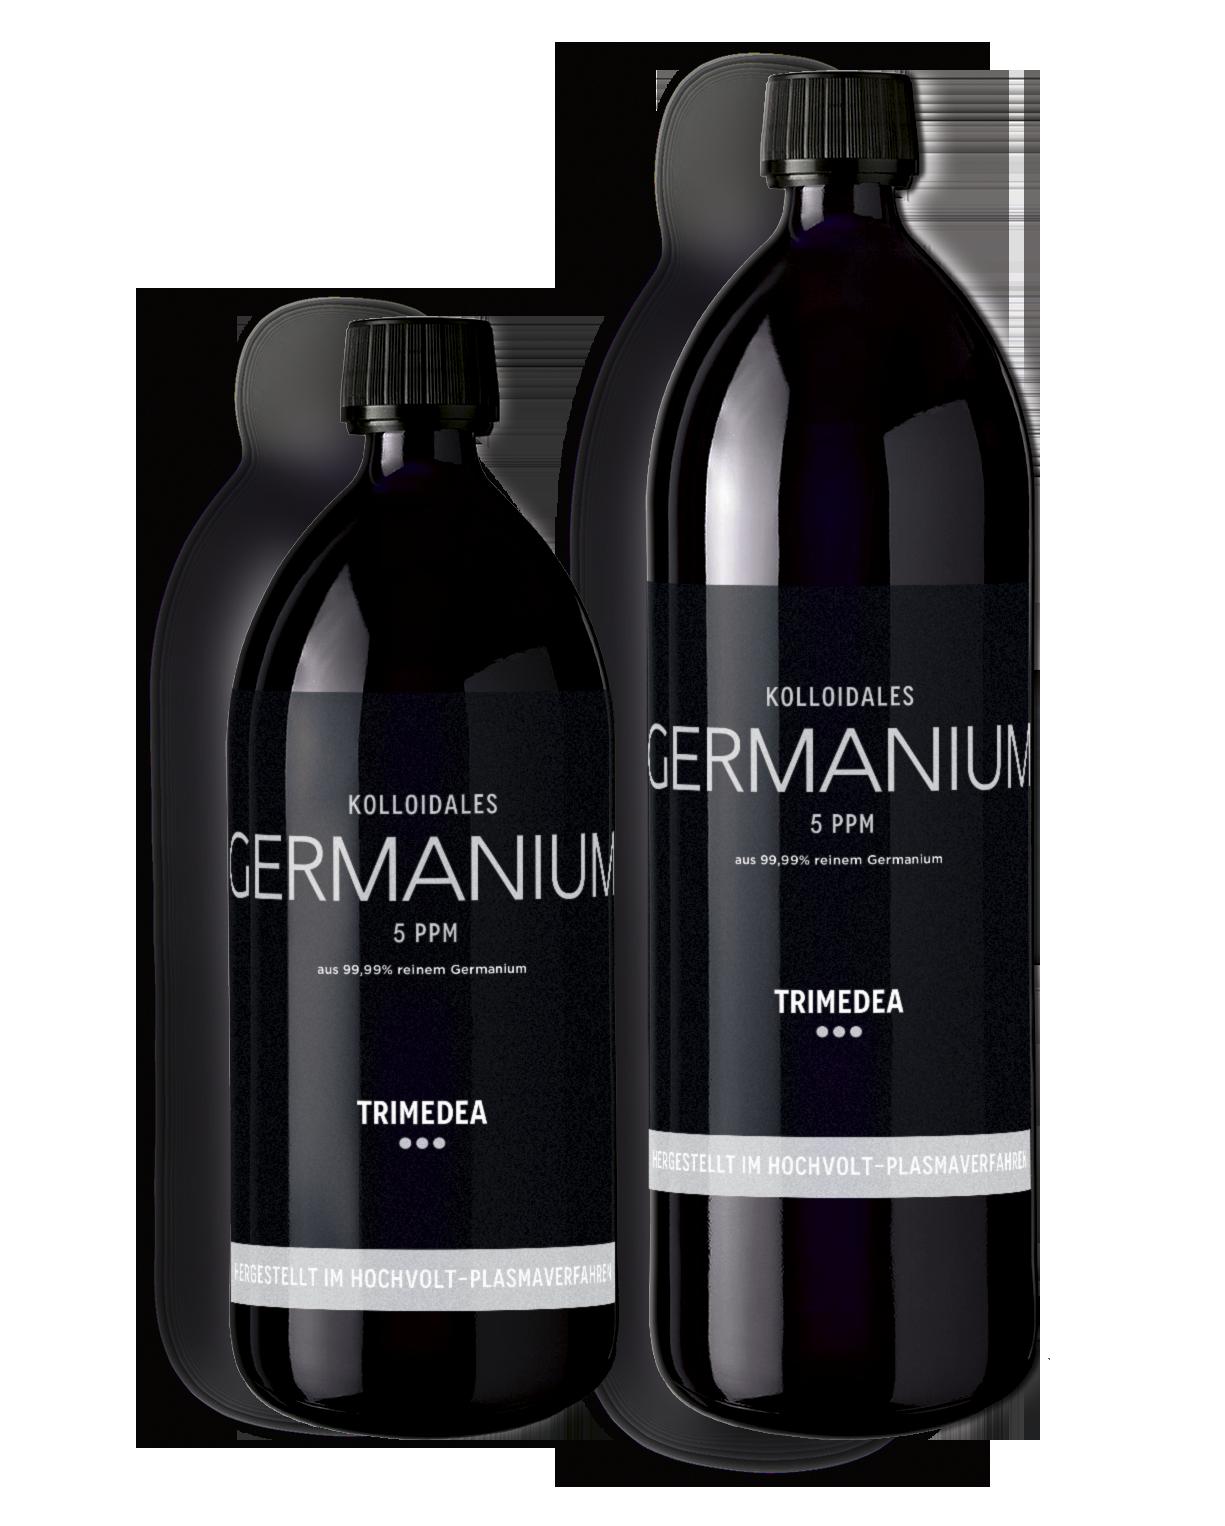 Kolloidales Germanium in Violettglasflasche 500ml und 1000ml